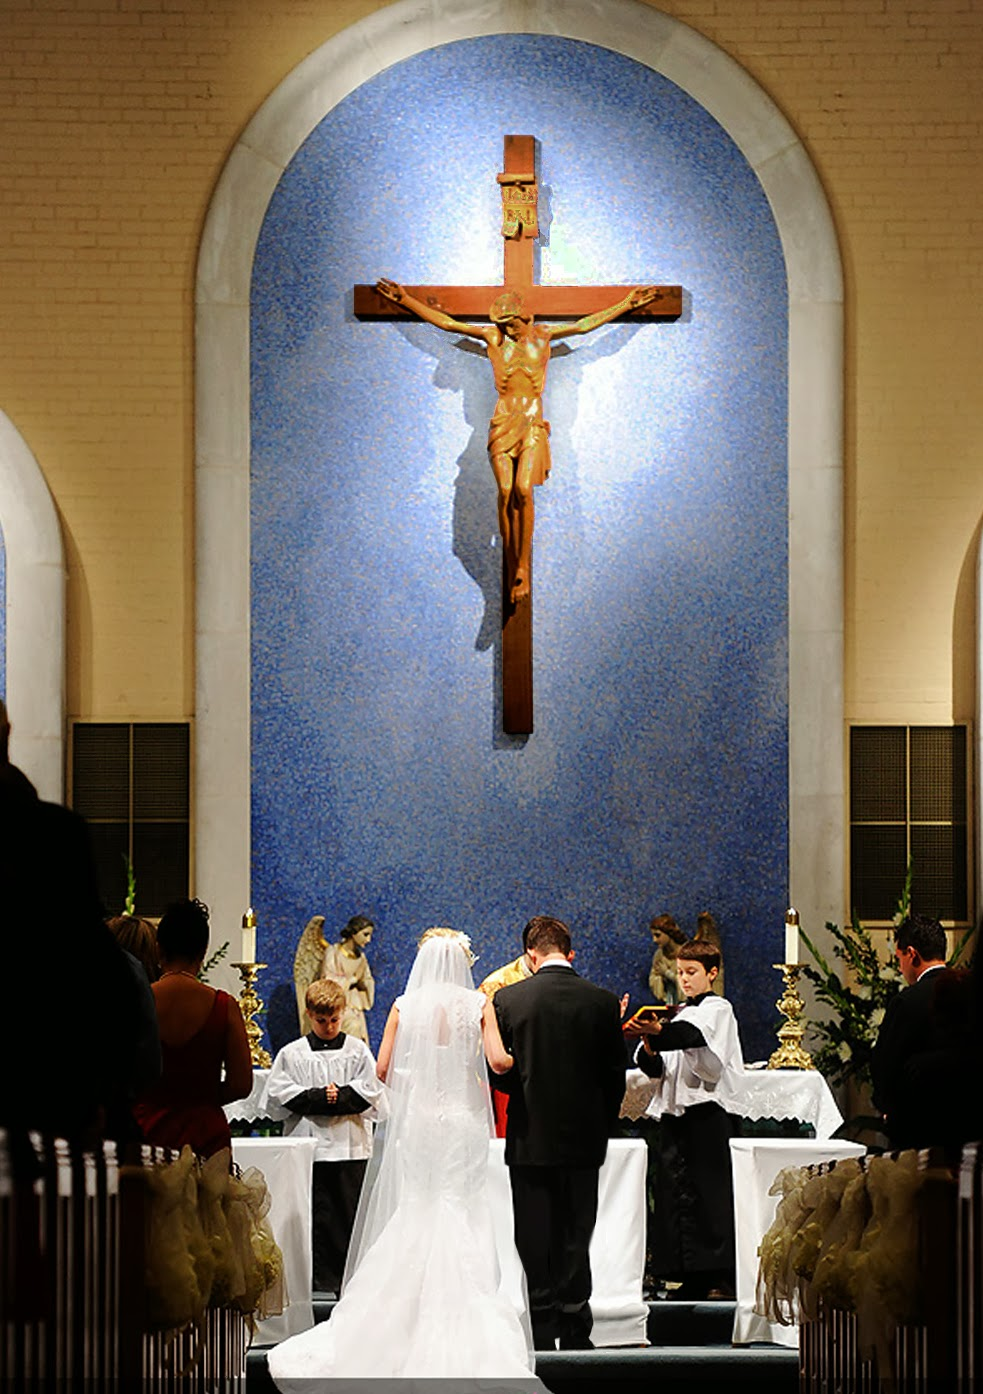 Matrimonio Igreja Catolica : O fiel católico sacramento do matrimônio